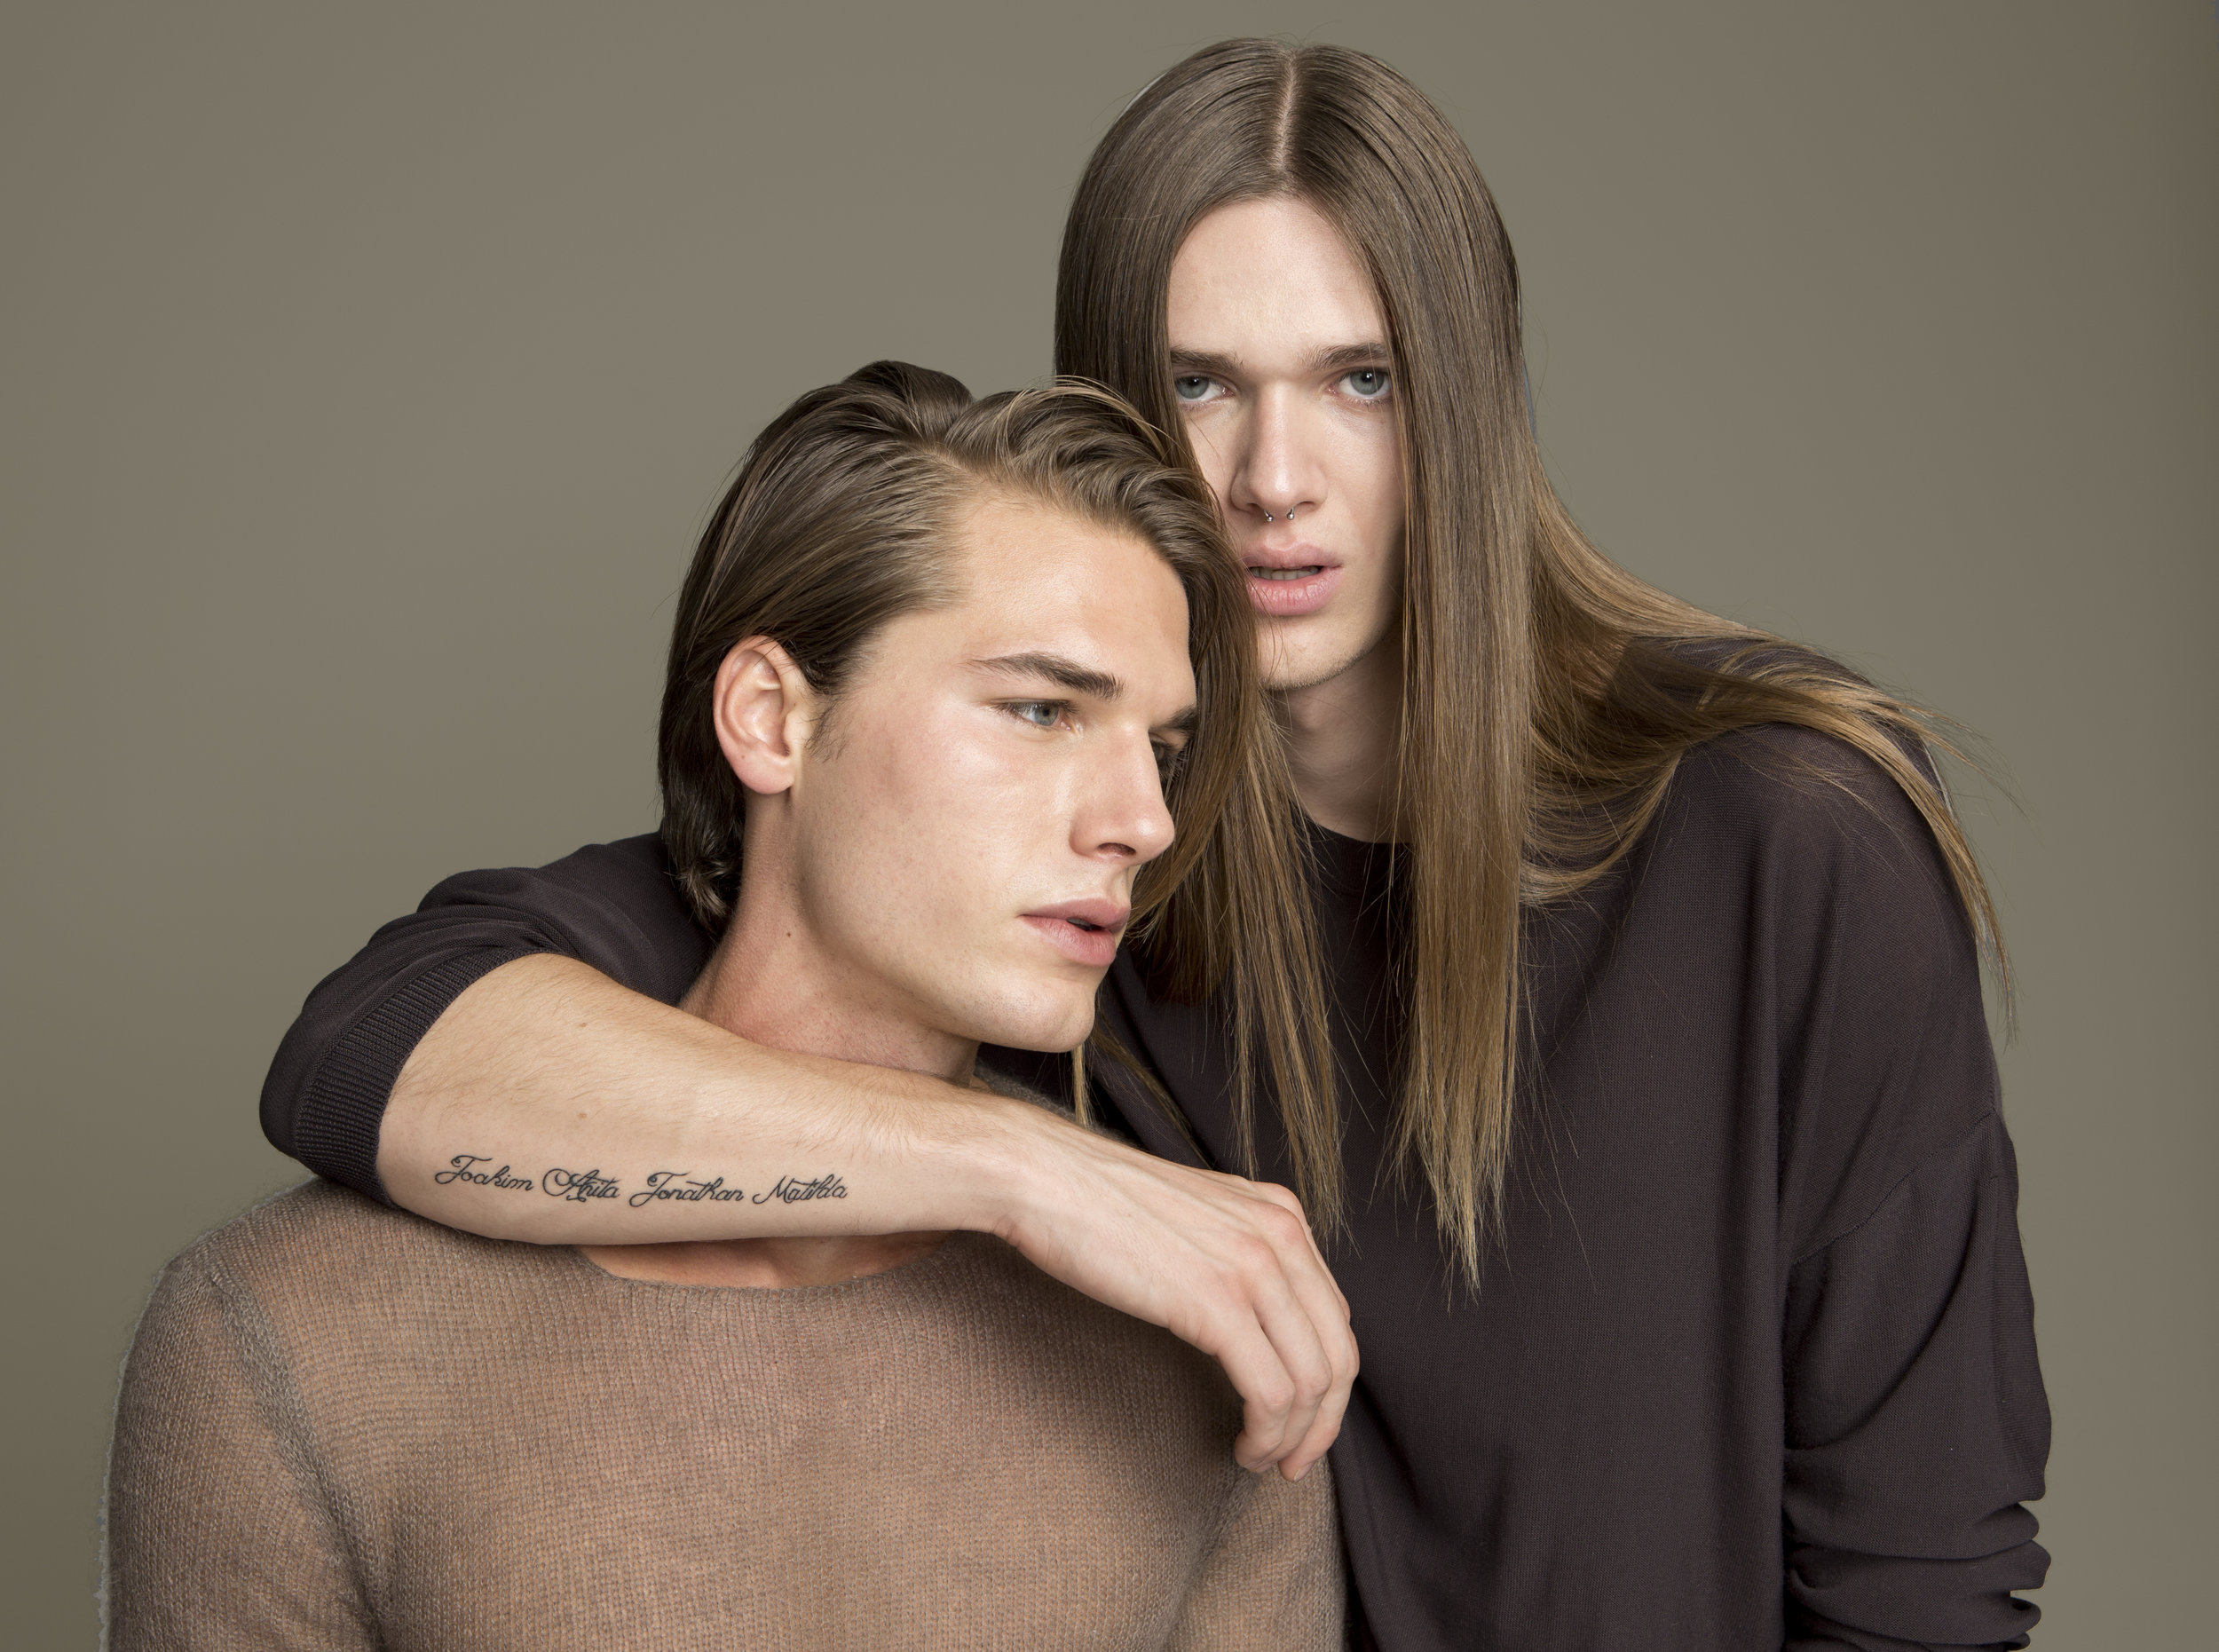 dna-models-jessedreyfus4.jpg